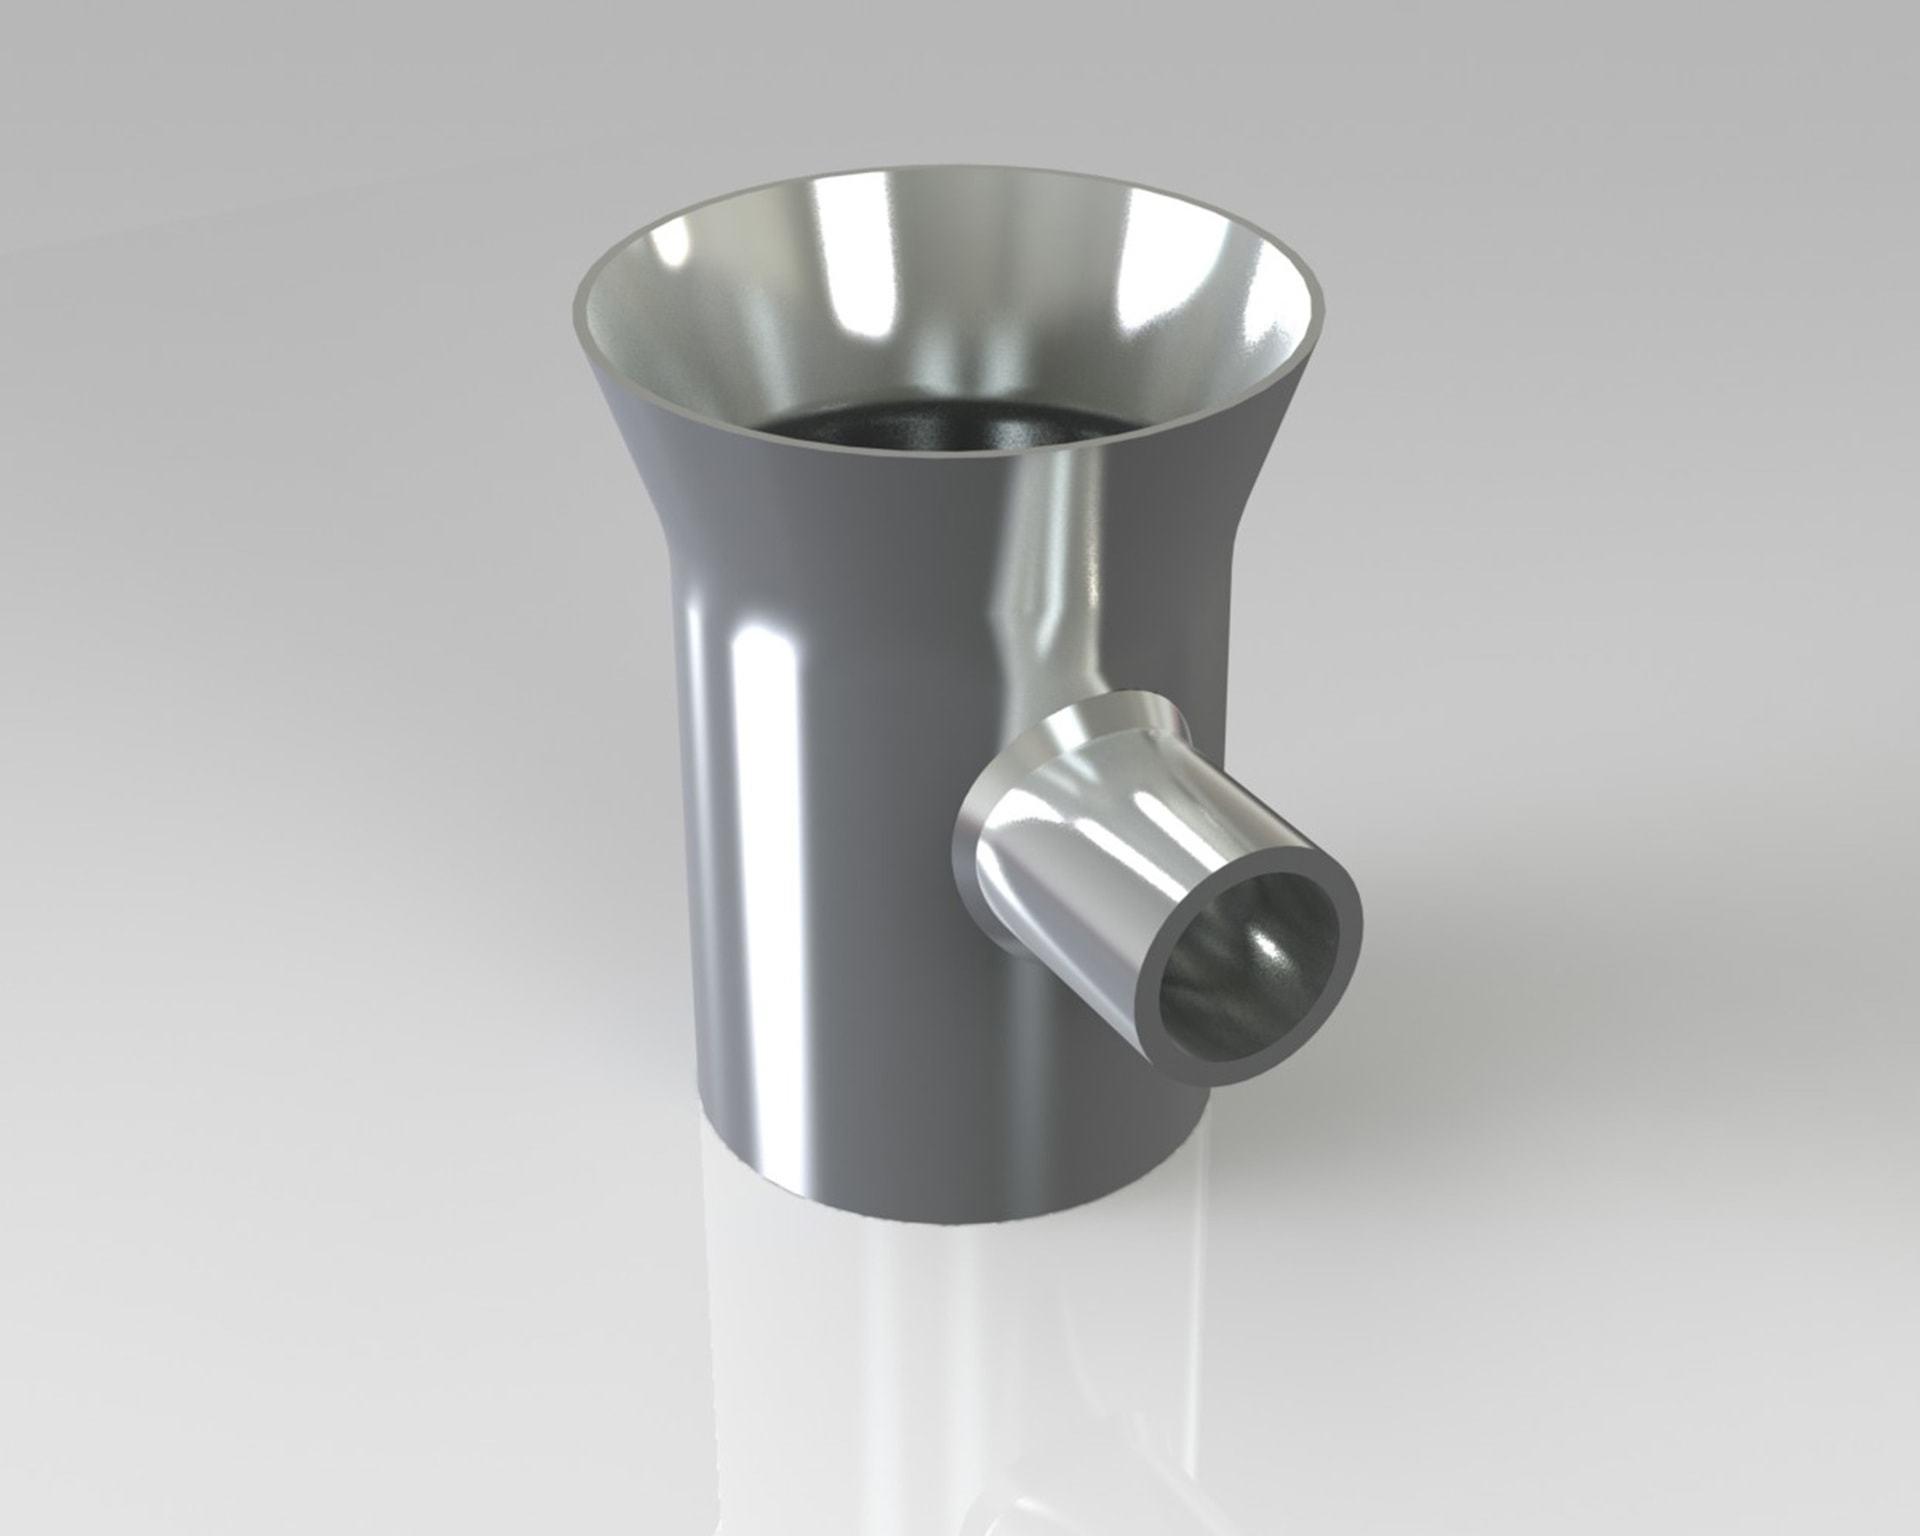 PEK3 Easytube Metal Accessories TH-50